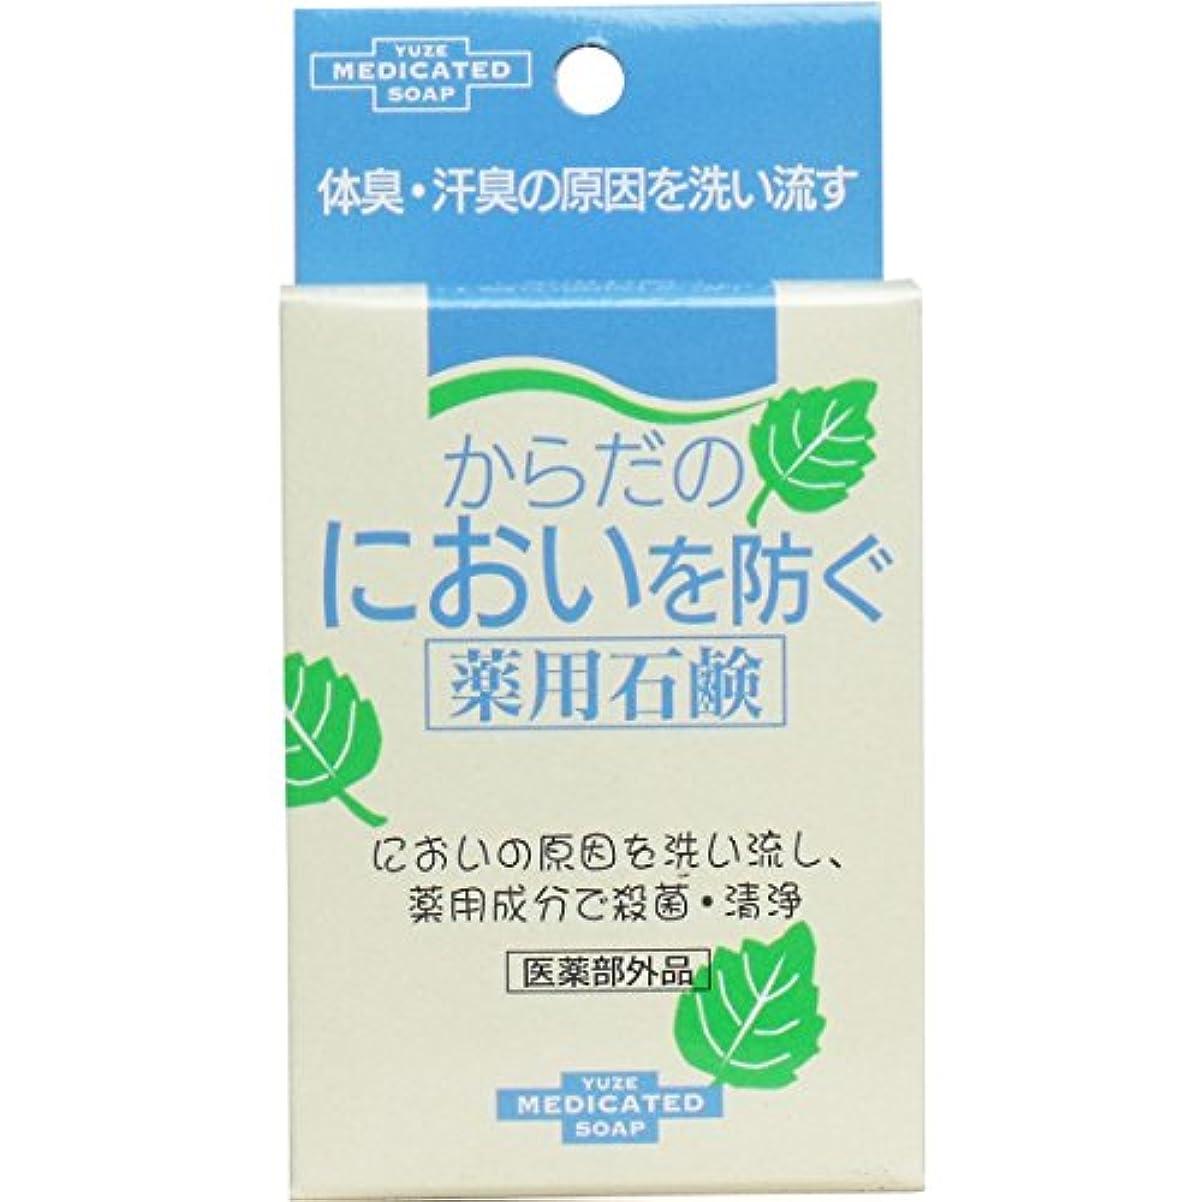 サイレントパステル退却ユゼ からだのにおいを防ぐ薬用石鹸 7セット